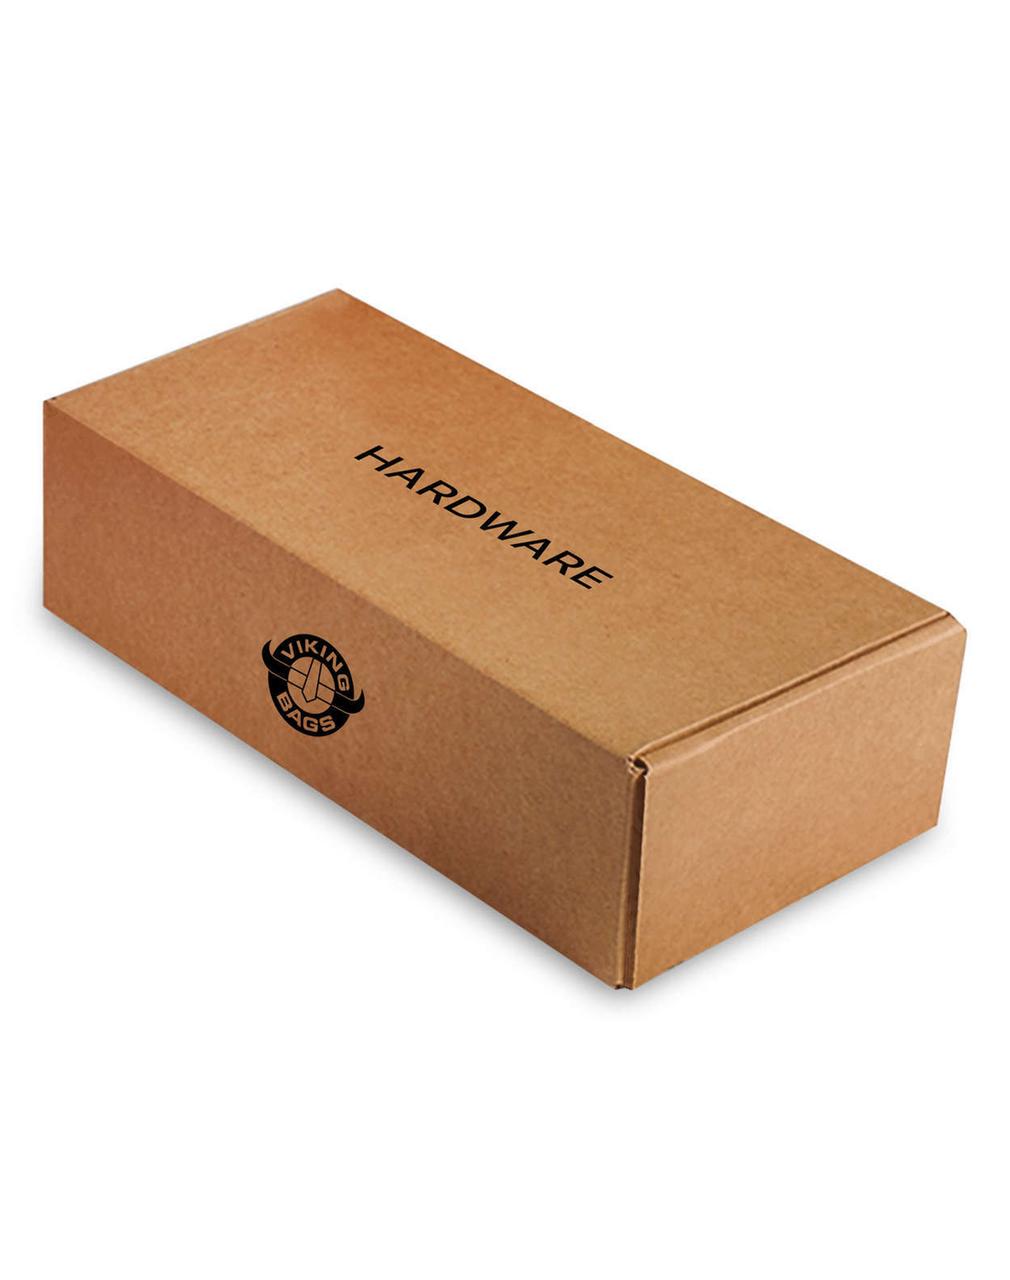 Honda VTX 1800 F Shock Cutout Slanted Large Motorcycle Saddlebags Hardware Box